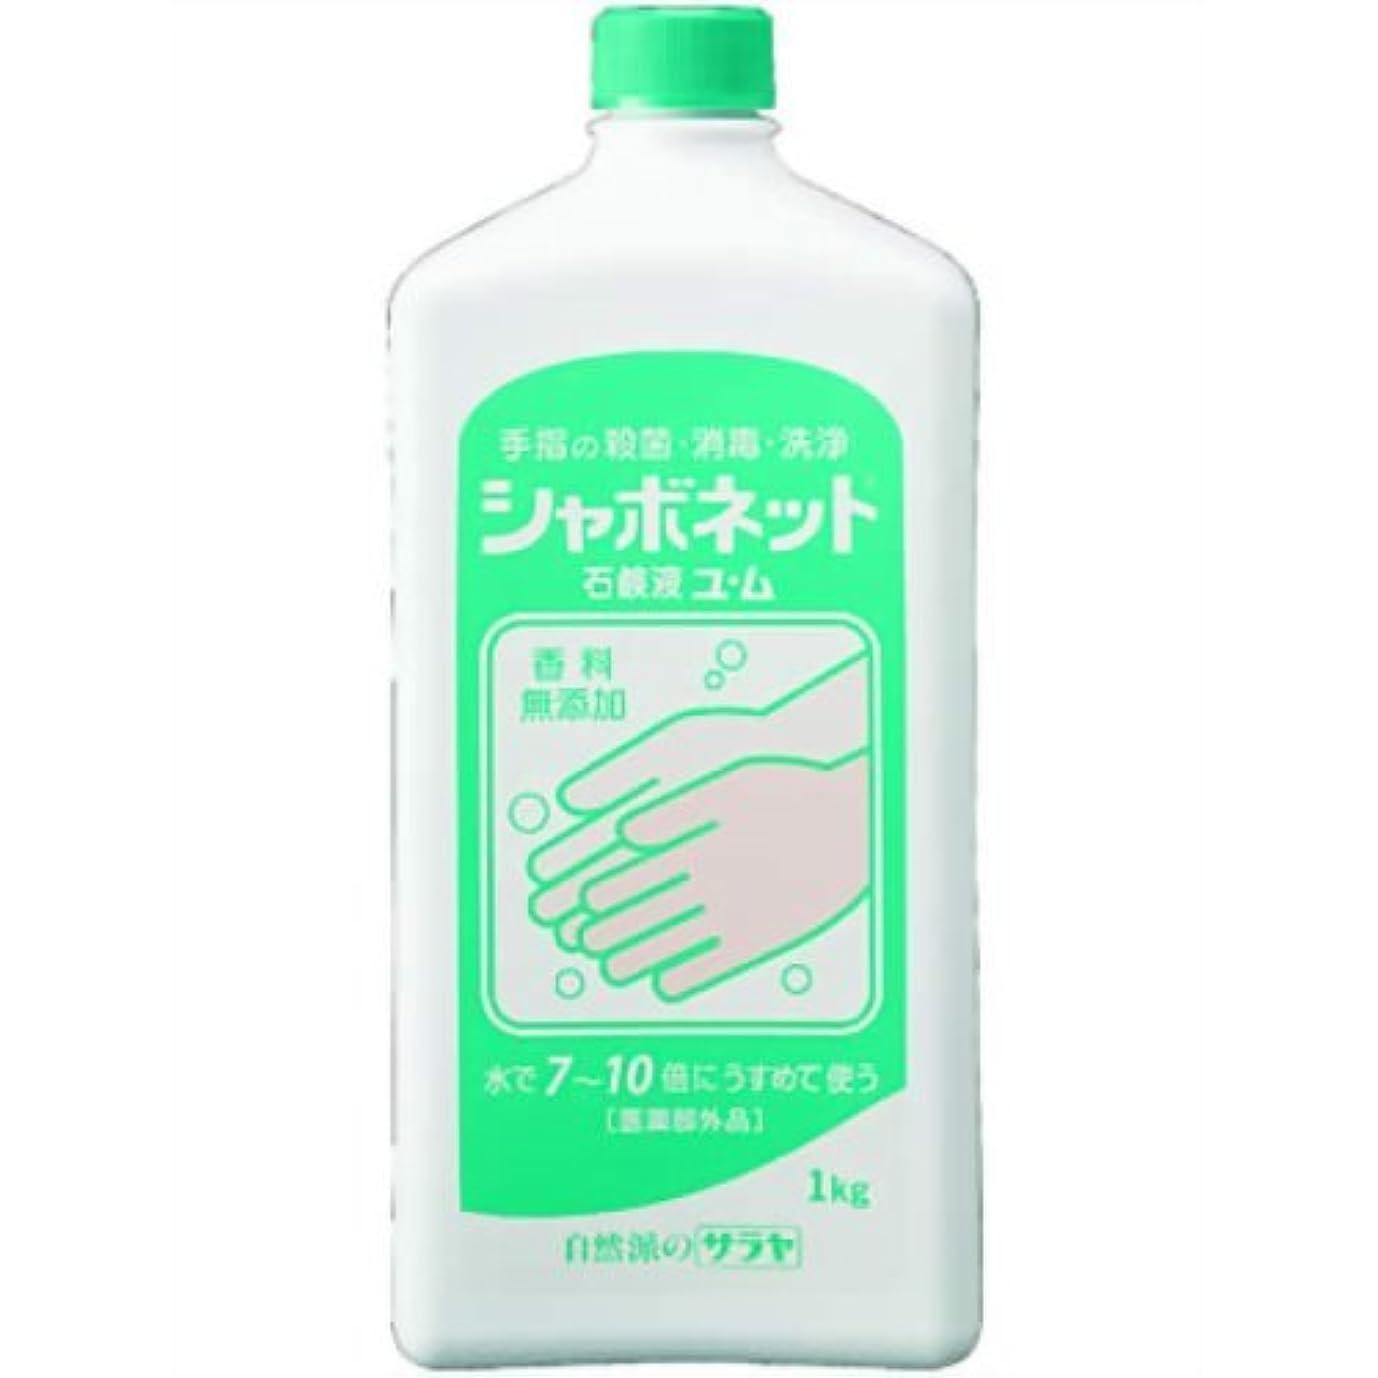 電気技師マイル繁雑シャボネット石鹸液ユ?ム 1kg